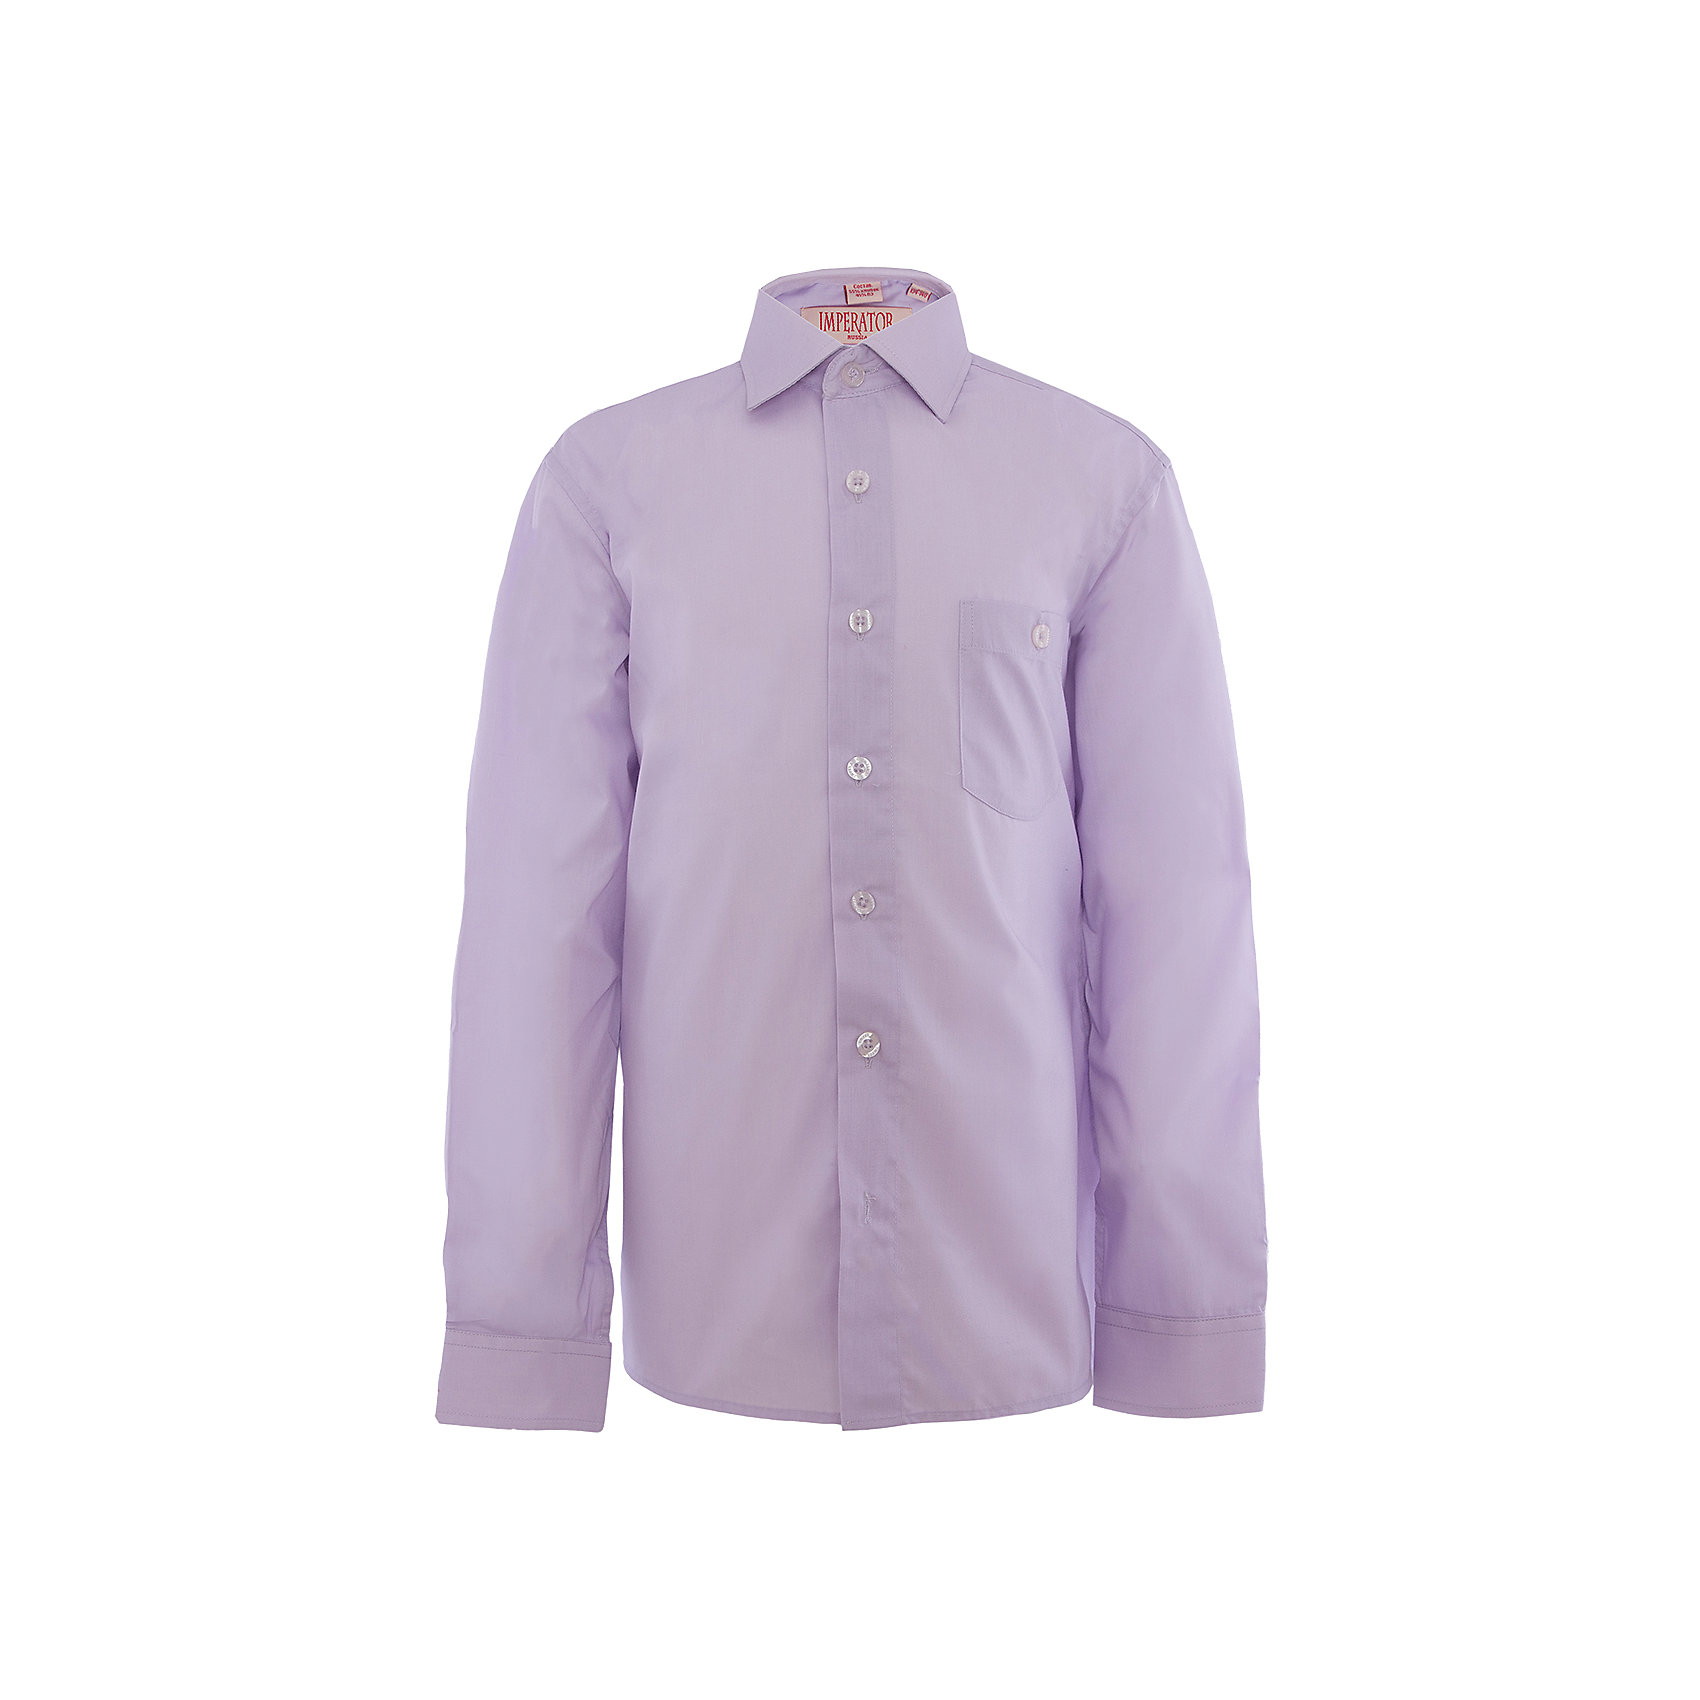 Рубашка для мальчика ImperatorБлузки и рубашки<br>Рубашка для мальчика от российской марки Imperator <br><br>Элегантная рубашка дополнит гардероб мальчишек школьного возраста. Модель эффектно смотрится, делает образ стильным. Материал - гипоаллергенный, дышащий и приятный на ощупь.<br><br>Особенности модели:<br><br>- материал - тонкий, с содержанием хлопка;<br>- цвет - светло-фиолетовый;<br>- карман на груди;<br>- застежки-пуговицы;<br>- отложной воротник;<br>- пуговицы на манжетах.<br><br>Дополнительная информация:<br><br>Состав: 55% хлопок, 45% полиэстер<br><br>Габариты:<br><br>длина рукава - 48 см;<br>длина по спинке - 65 см.<br><br>* соответствует размеру 30/122-128<br><br>Уход за изделием:<br><br>стирка в машине при температуре до 40°С,<br>не отбеливать,<br>гладить на средней температуре.<br><br>Рубашку для мальчика от российской марки Imperator (Император) можно купить в нашем магазине.<br><br>Ширина мм: 174<br>Глубина мм: 10<br>Высота мм: 169<br>Вес г: 157<br>Цвет: фиолетовый<br>Возраст от месяцев: 108<br>Возраст до месяцев: 120<br>Пол: Мужской<br>Возраст: Детский<br>Размер: 134/140,164/170,128/134,146/152,152/158,158/164,122/128,140/146,134/140<br>SKU: 4295855